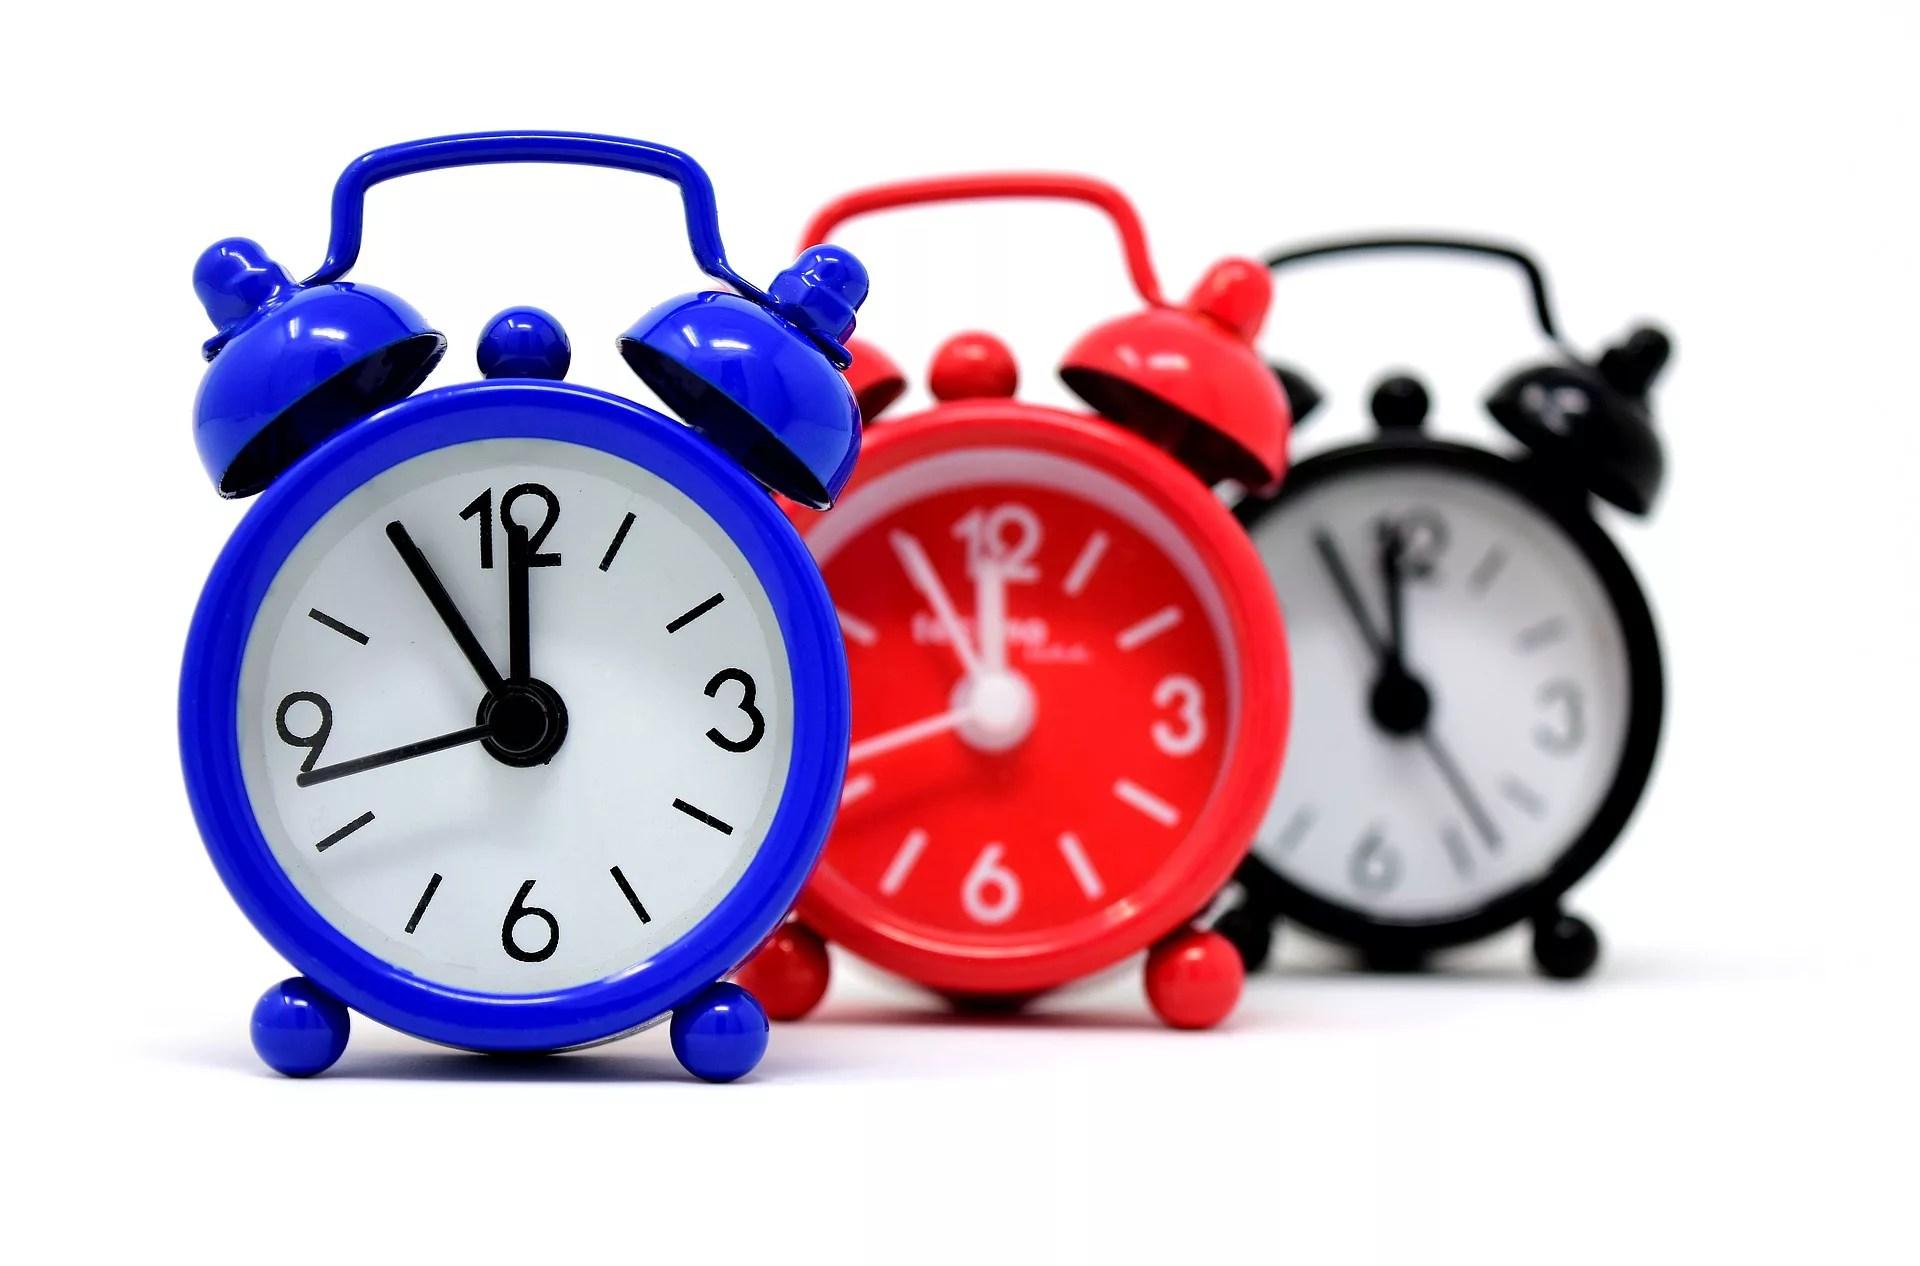 アイコス本体の充電時間を測る時計